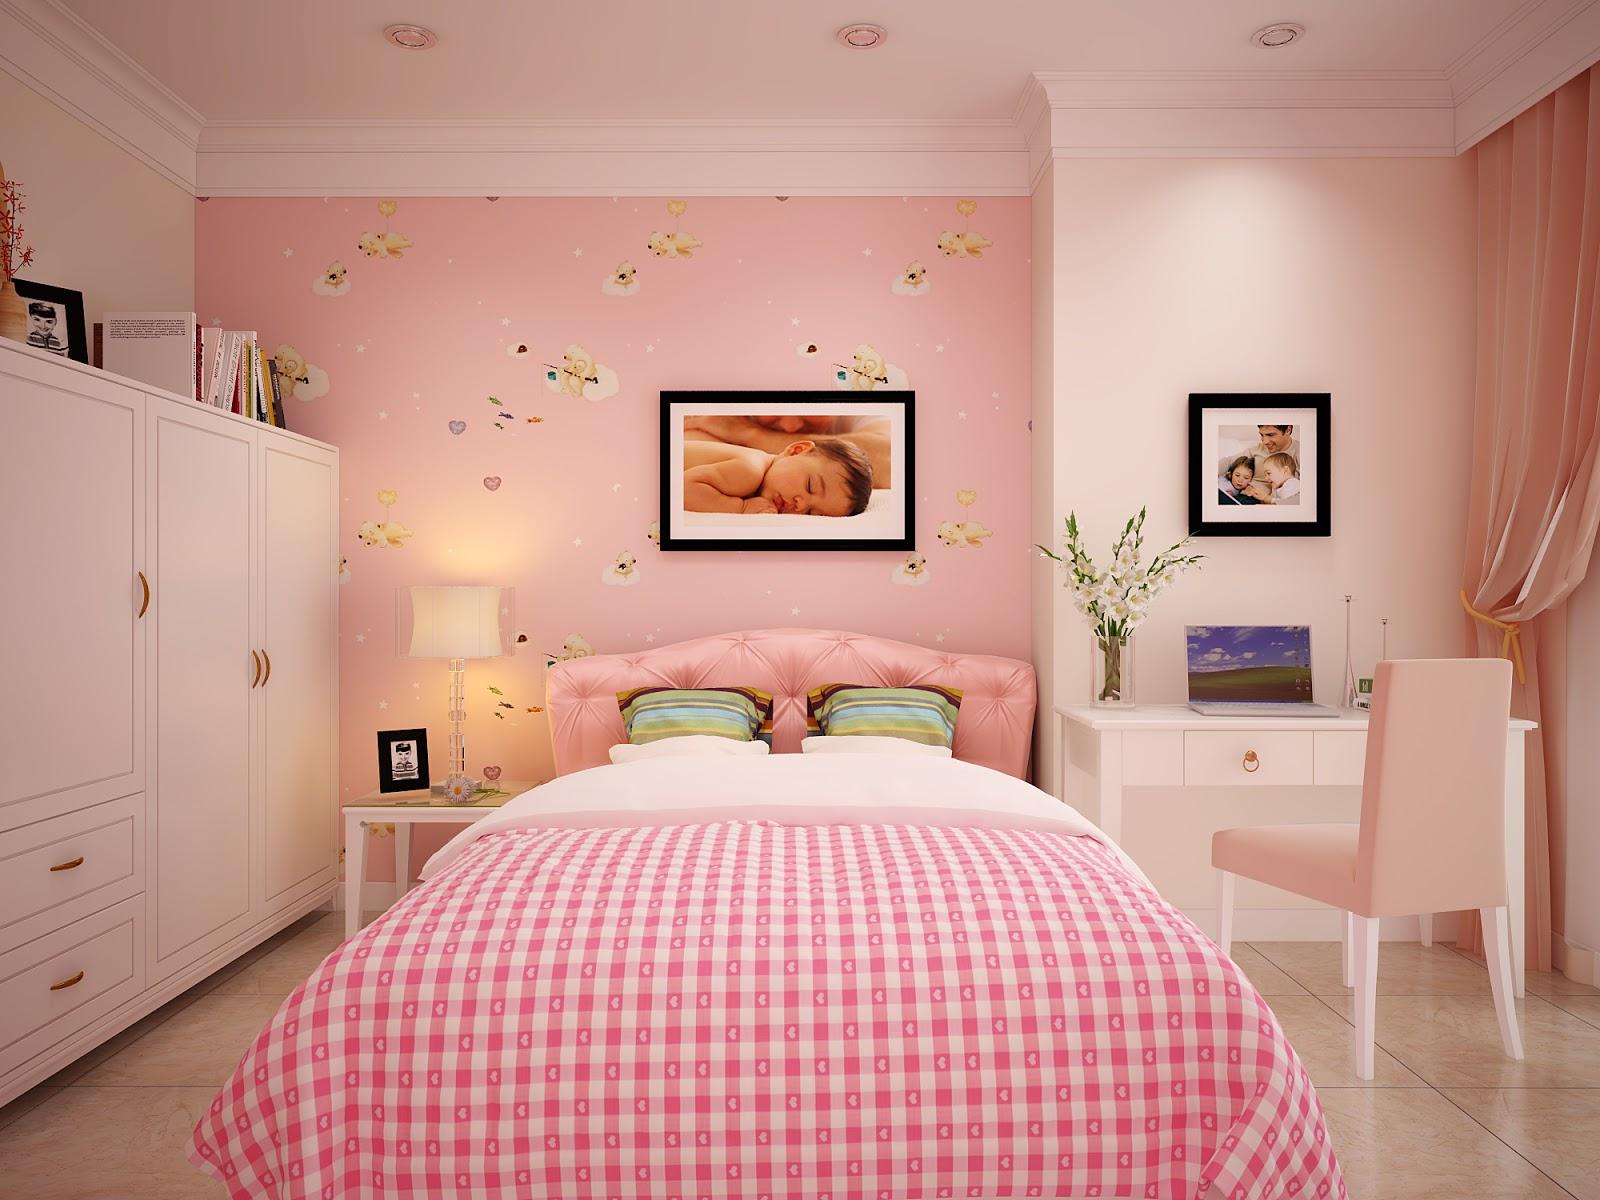 Gia chủ có thể sử dụng sơn tường pastel để trang trí cho không gian phòng ngủ của mình